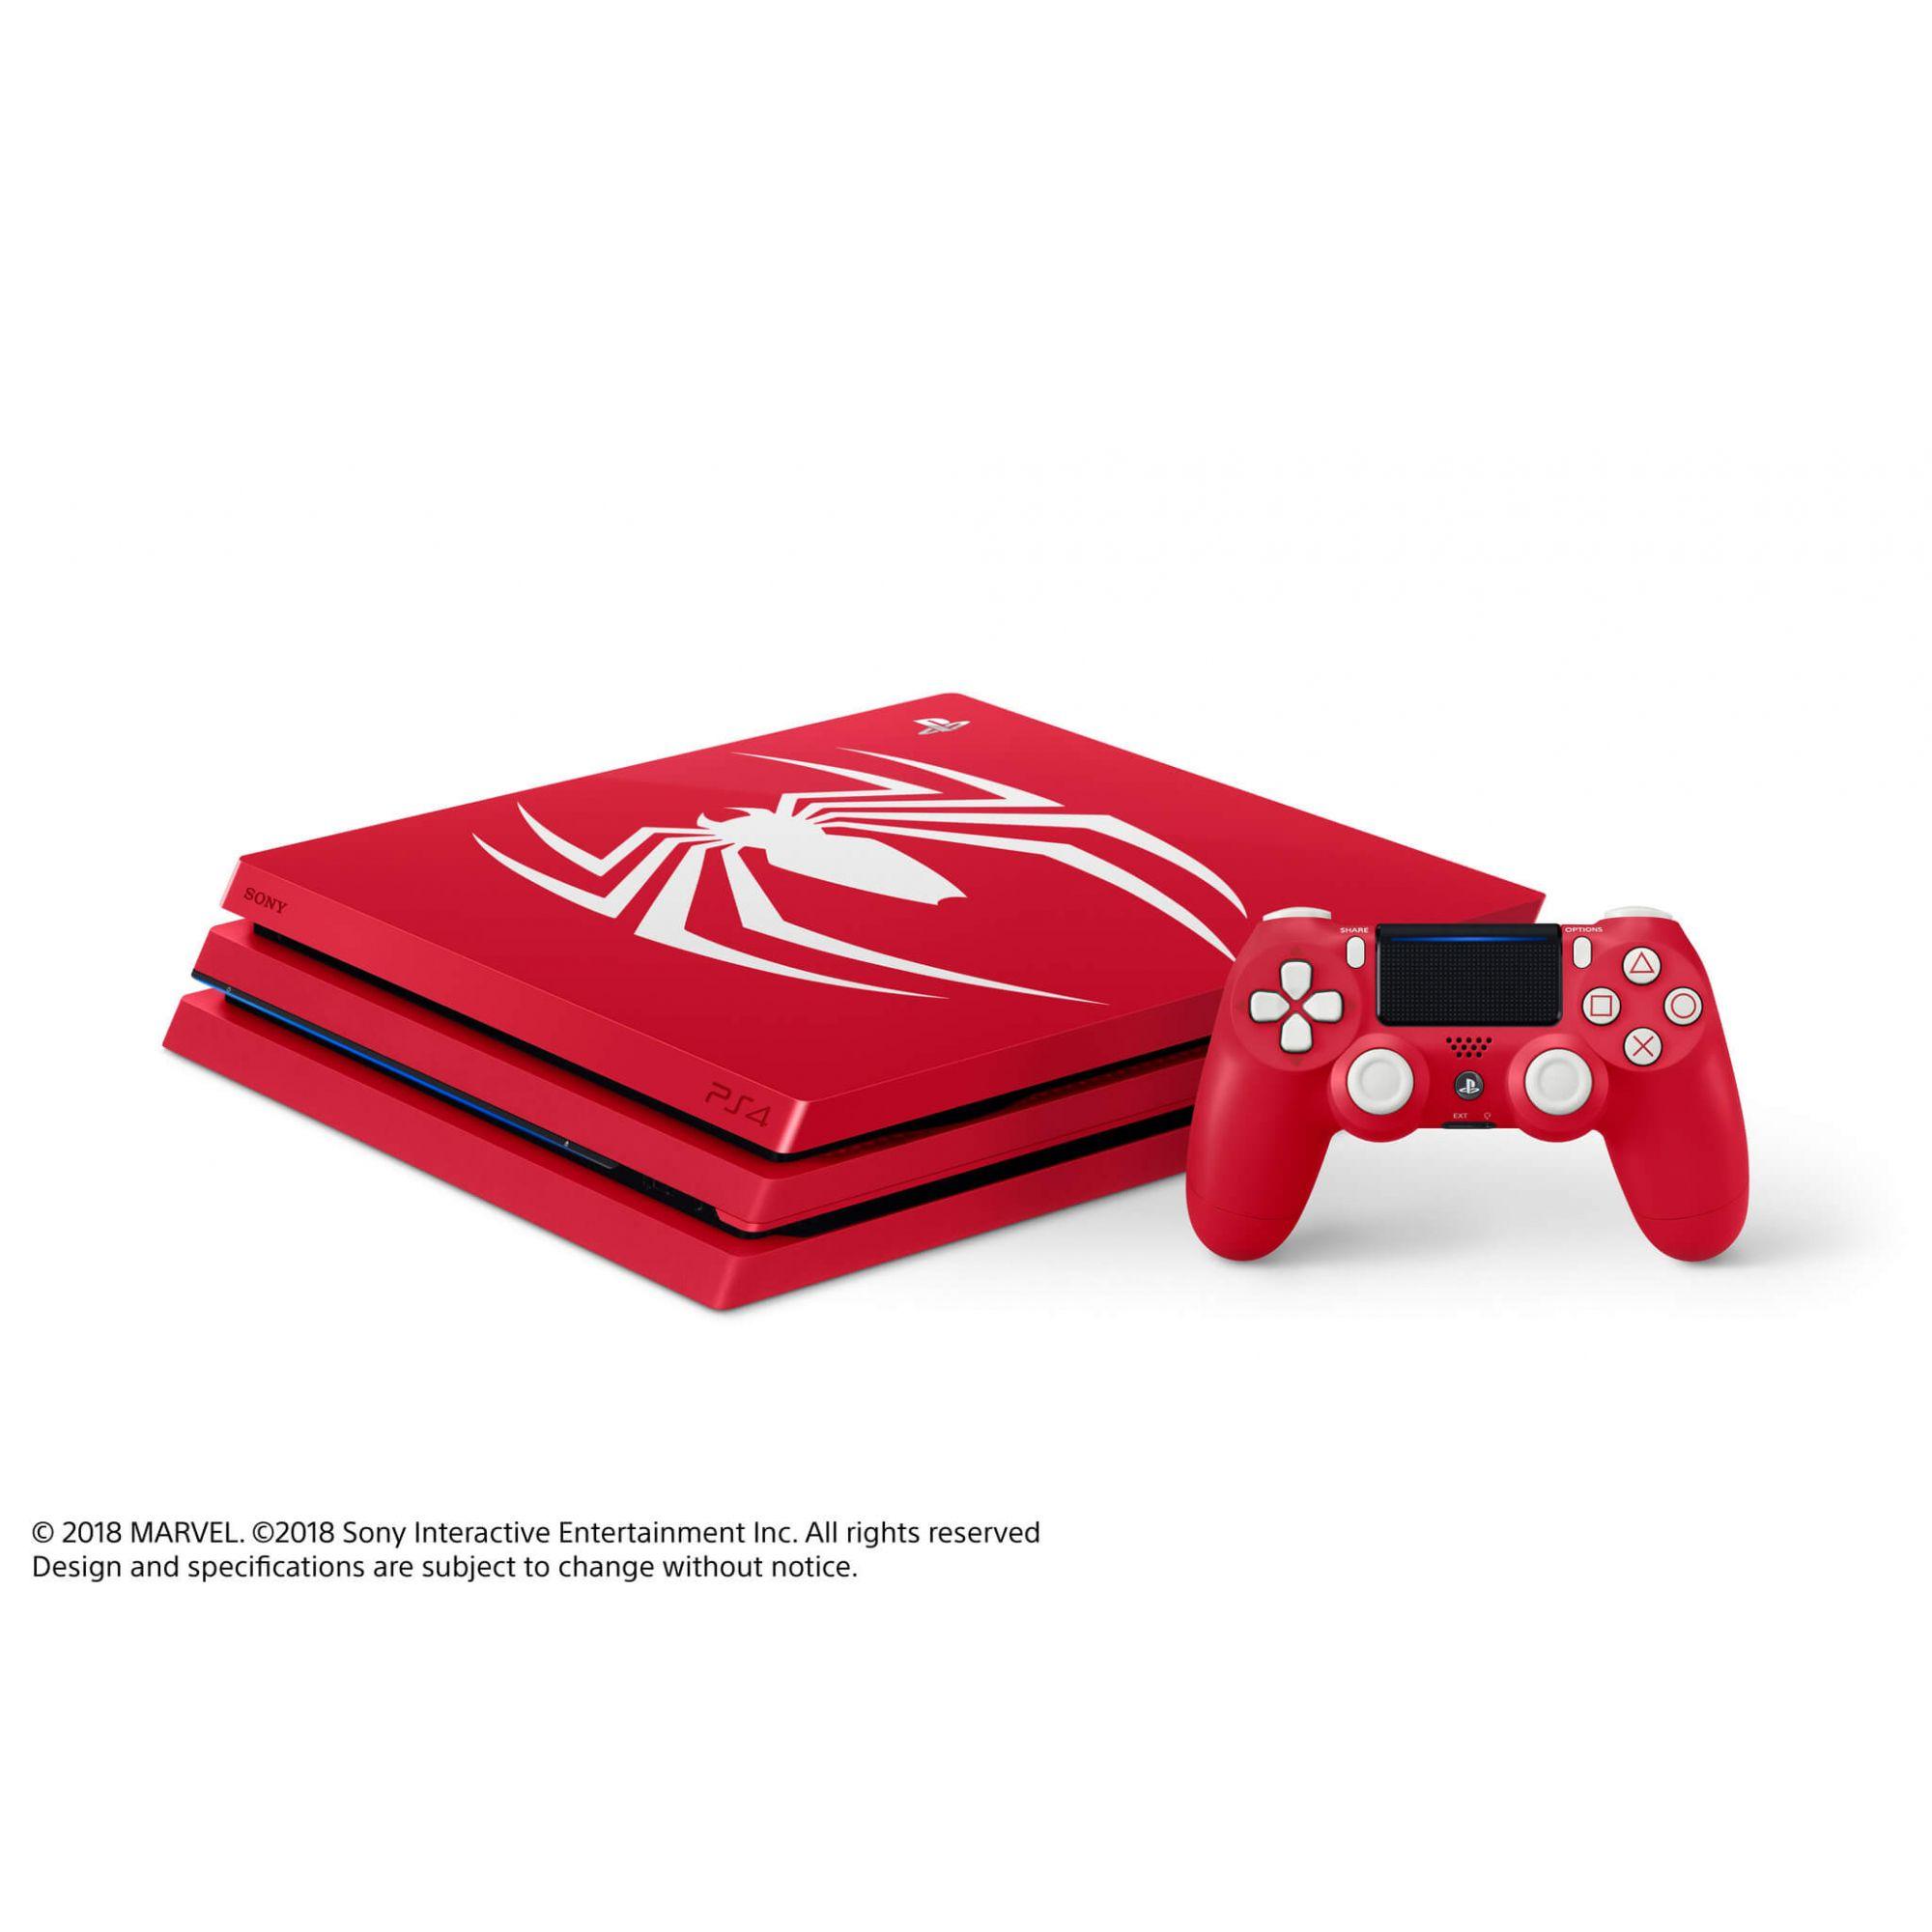 Console Playstation 4 Pro 4K - 1 Terabyte - Edição Homem-Aranha